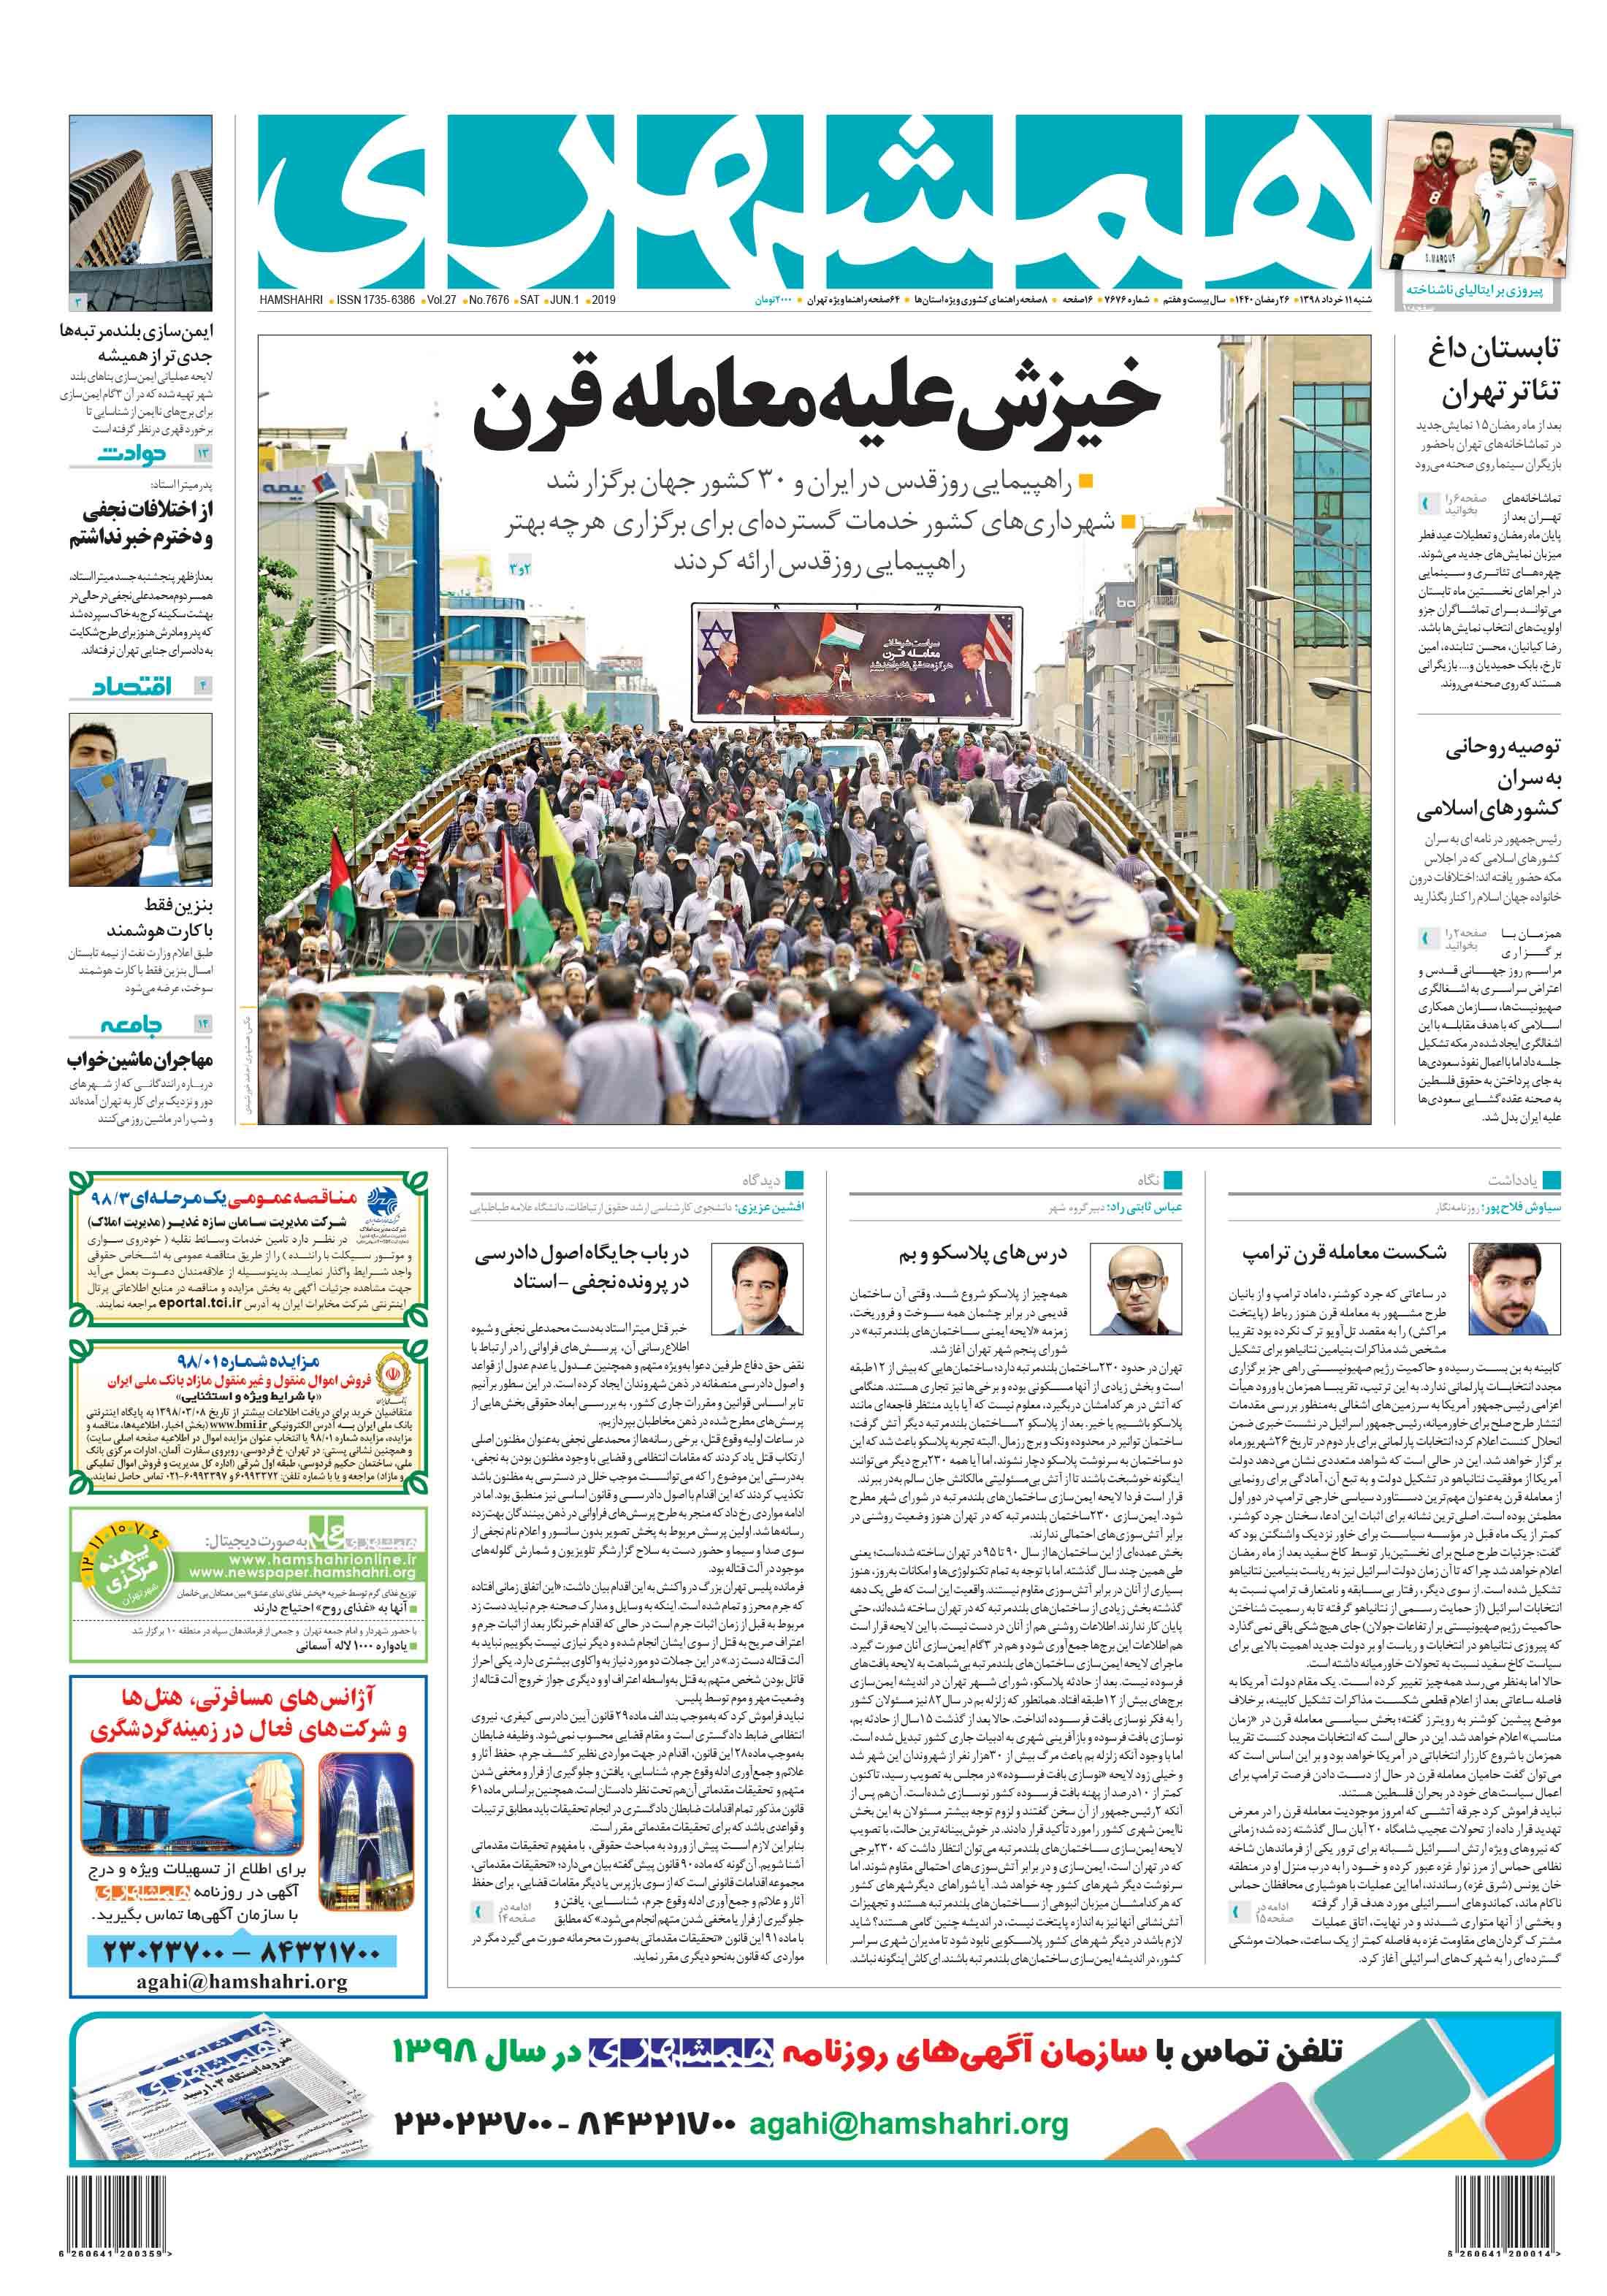 صفحه اول شنبه 11 خرداد 1398